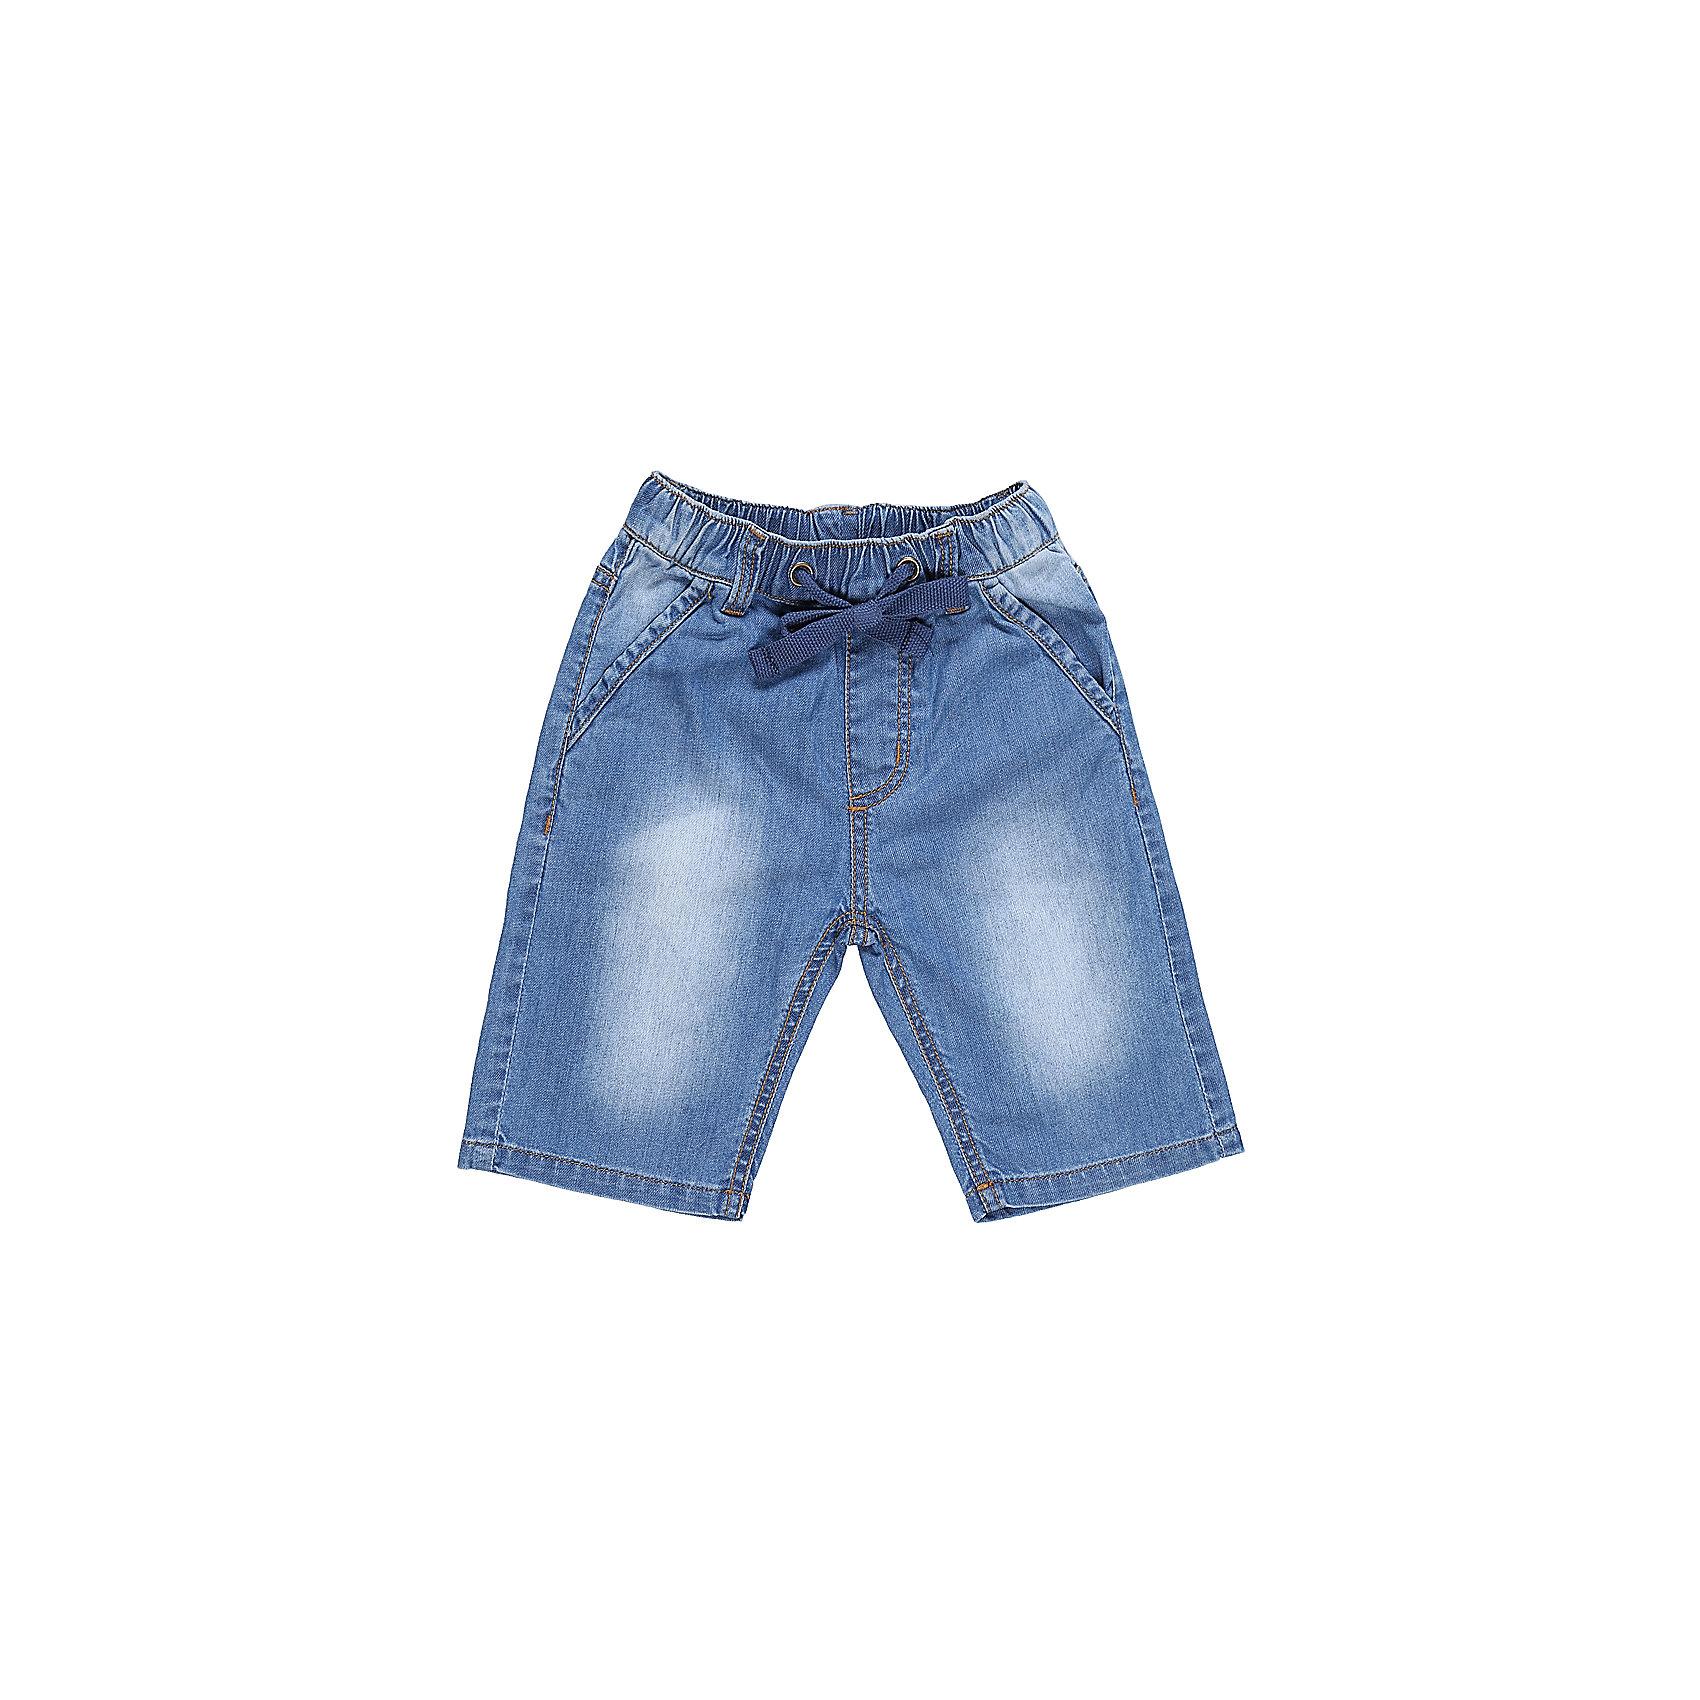 Шорты джинсовые для мальчика Sweet BerryШорты и бриджи<br>Джинсовые шорты для мальчика.Спереди два прорезных кармана. Пояс-резинка дополнен шнуром для регулирования объема.<br>Состав:<br>100%хлопок<br><br>Ширина мм: 191<br>Глубина мм: 10<br>Высота мм: 175<br>Вес г: 273<br>Цвет: голубой<br>Возраст от месяцев: 12<br>Возраст до месяцев: 15<br>Пол: Мужской<br>Возраст: Детский<br>Размер: 80,86,92,98<br>SKU: 5411620